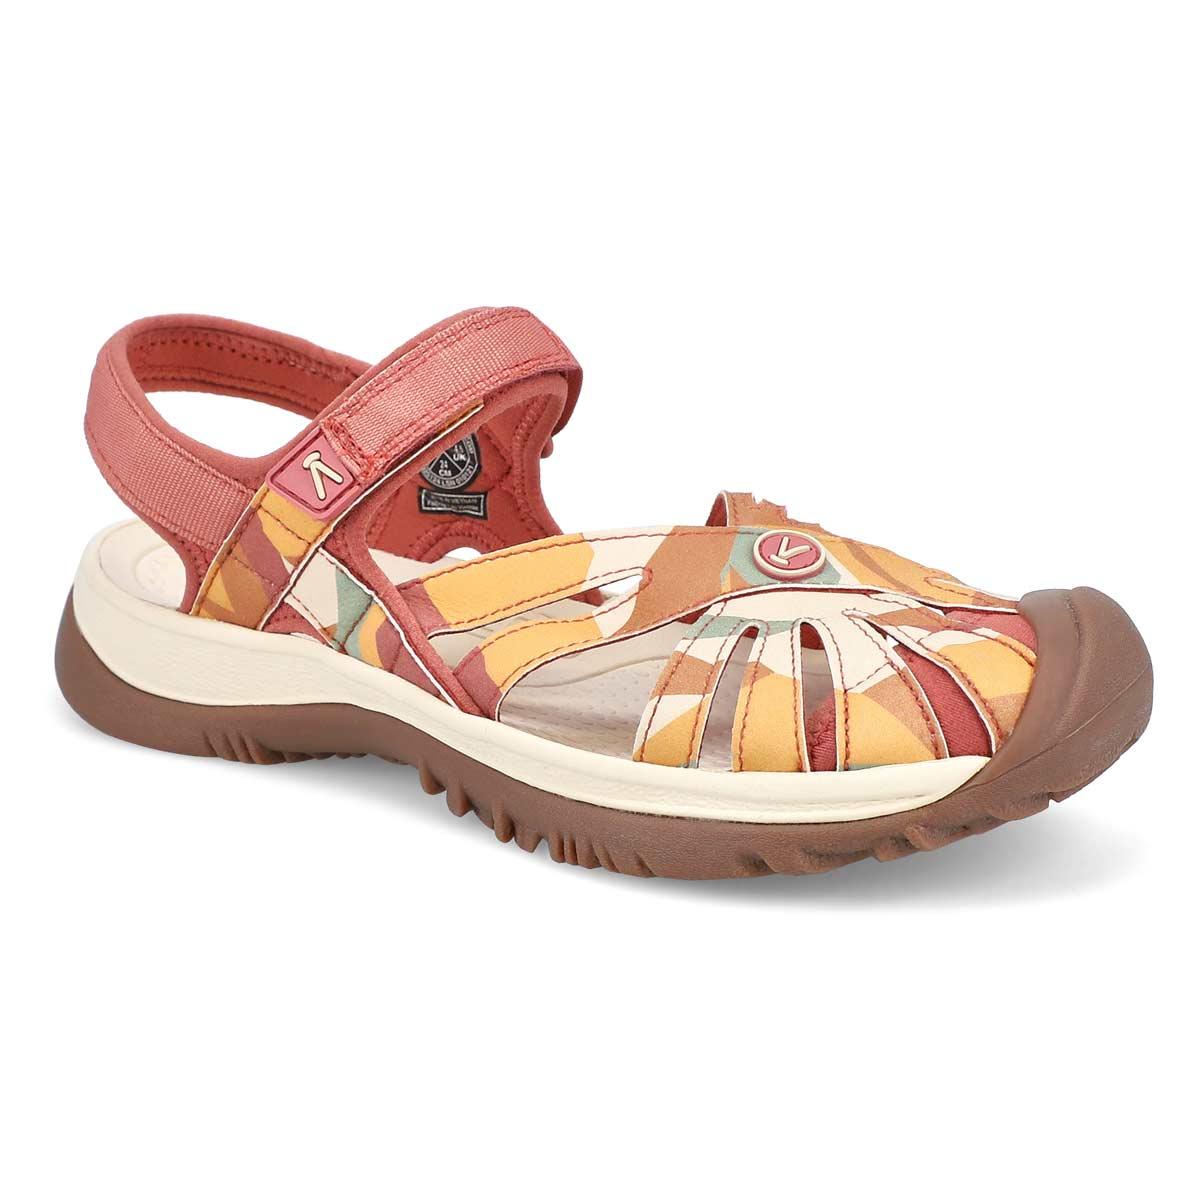 Sandale de sport Rose Sandal, femmes - Brique